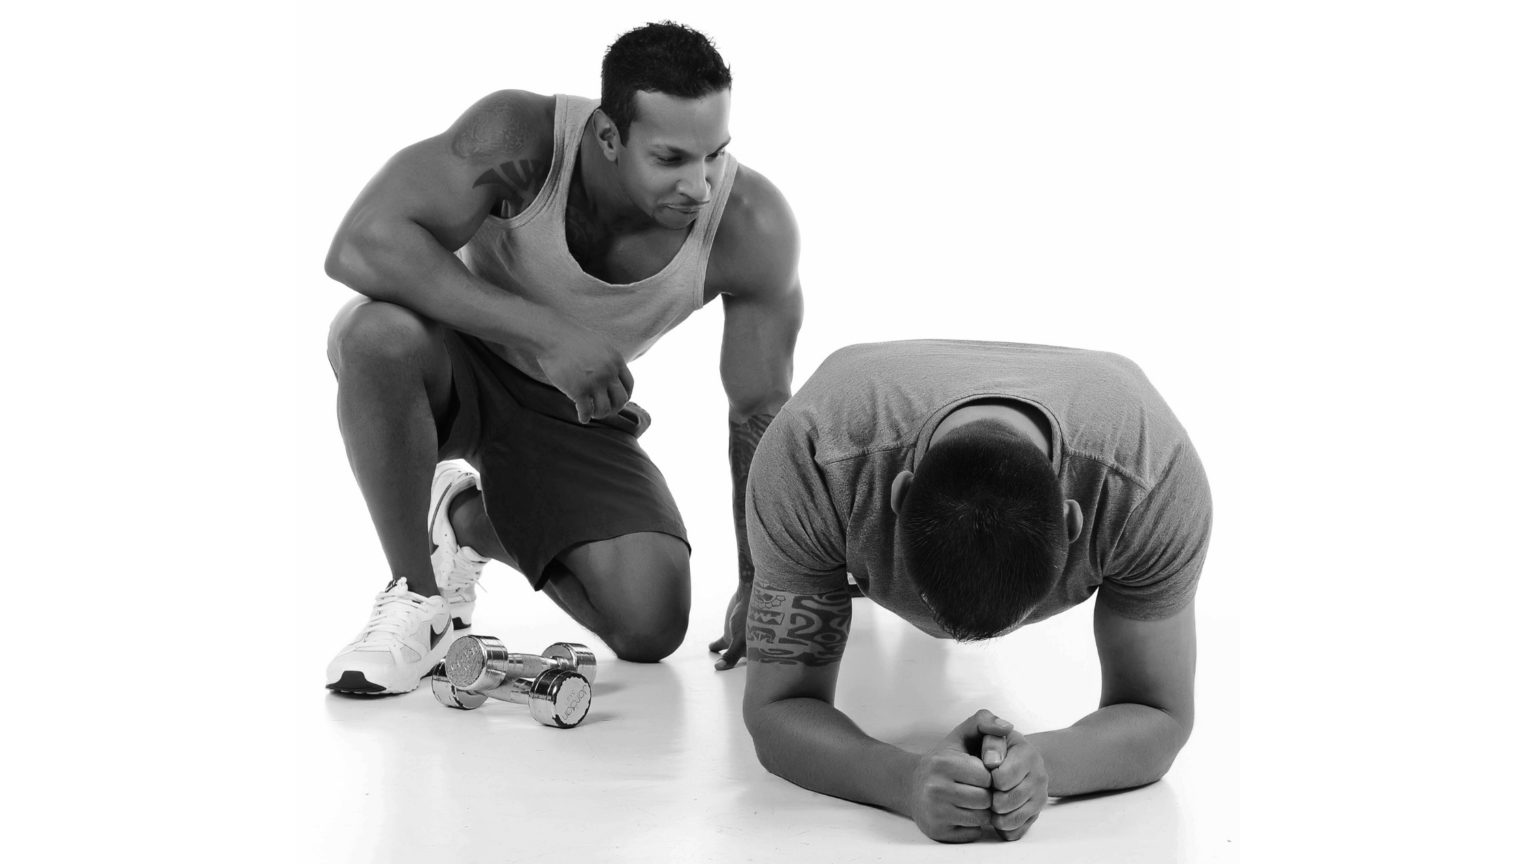 地獄】ヘビーデューティートレーニングは1セットしか出来ないやり方!?   FITNESS-FREAK